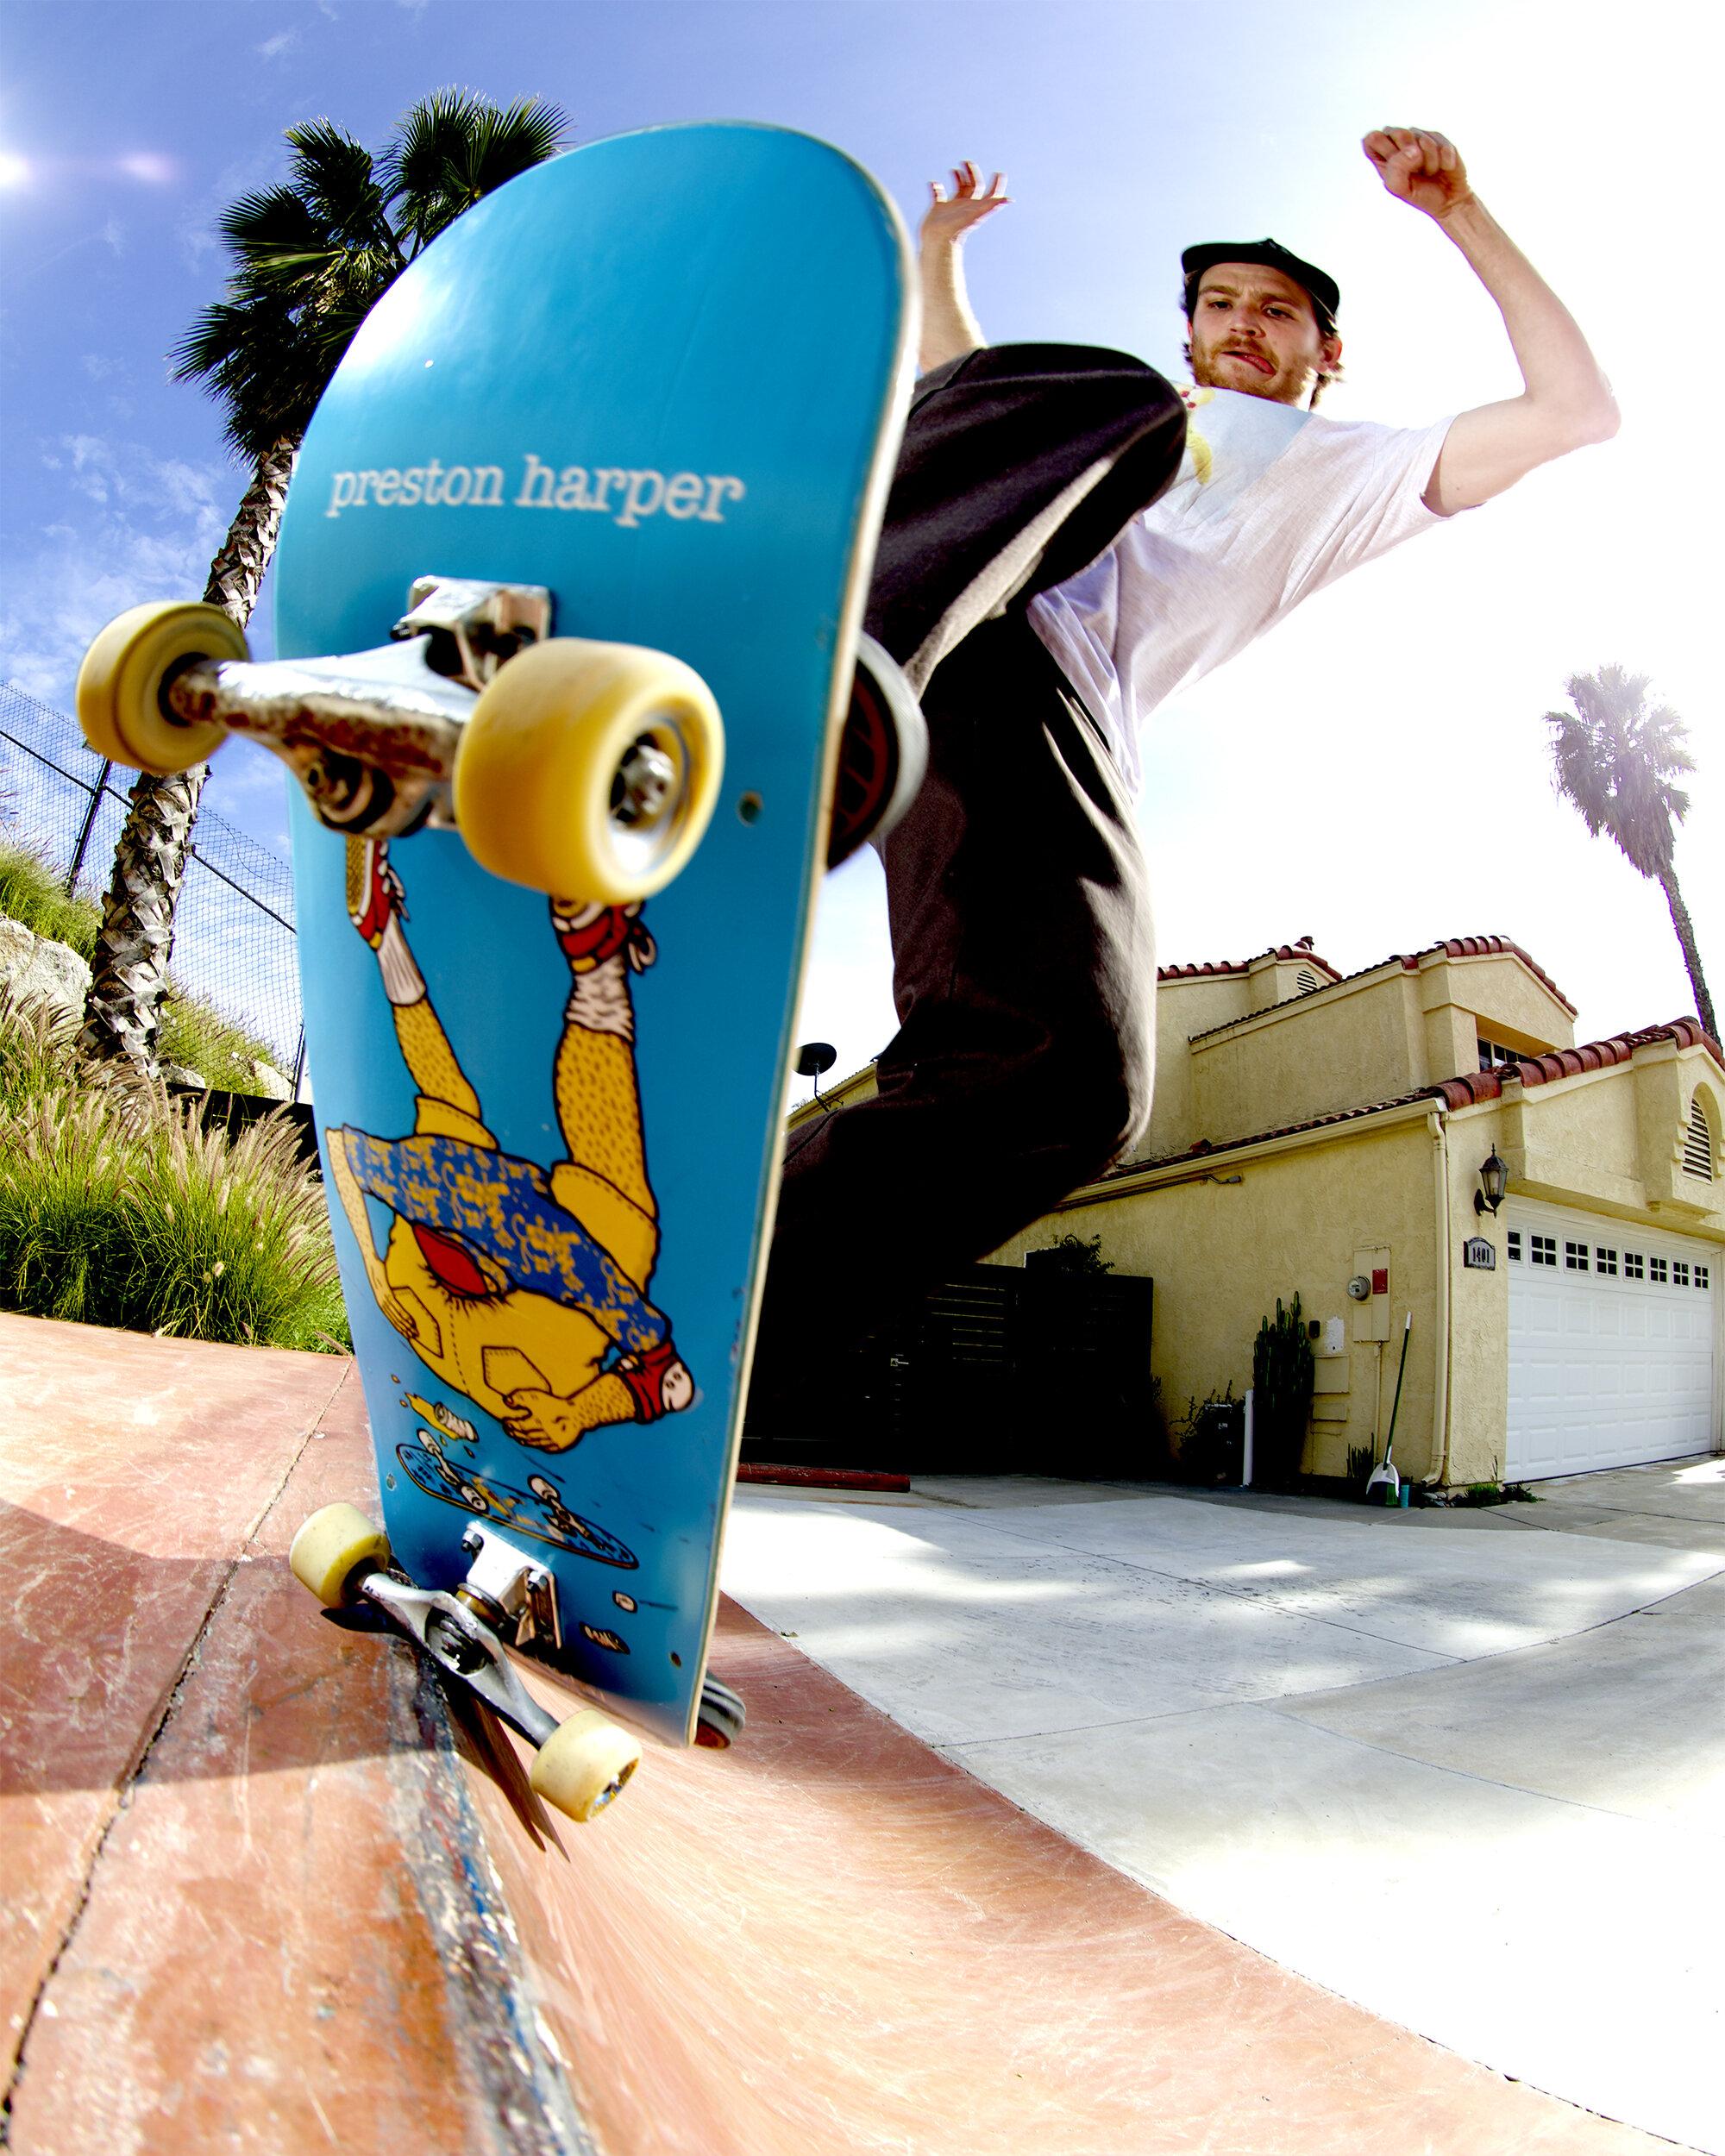 PrestonHarper-PivFakie-SD-Price.jpg